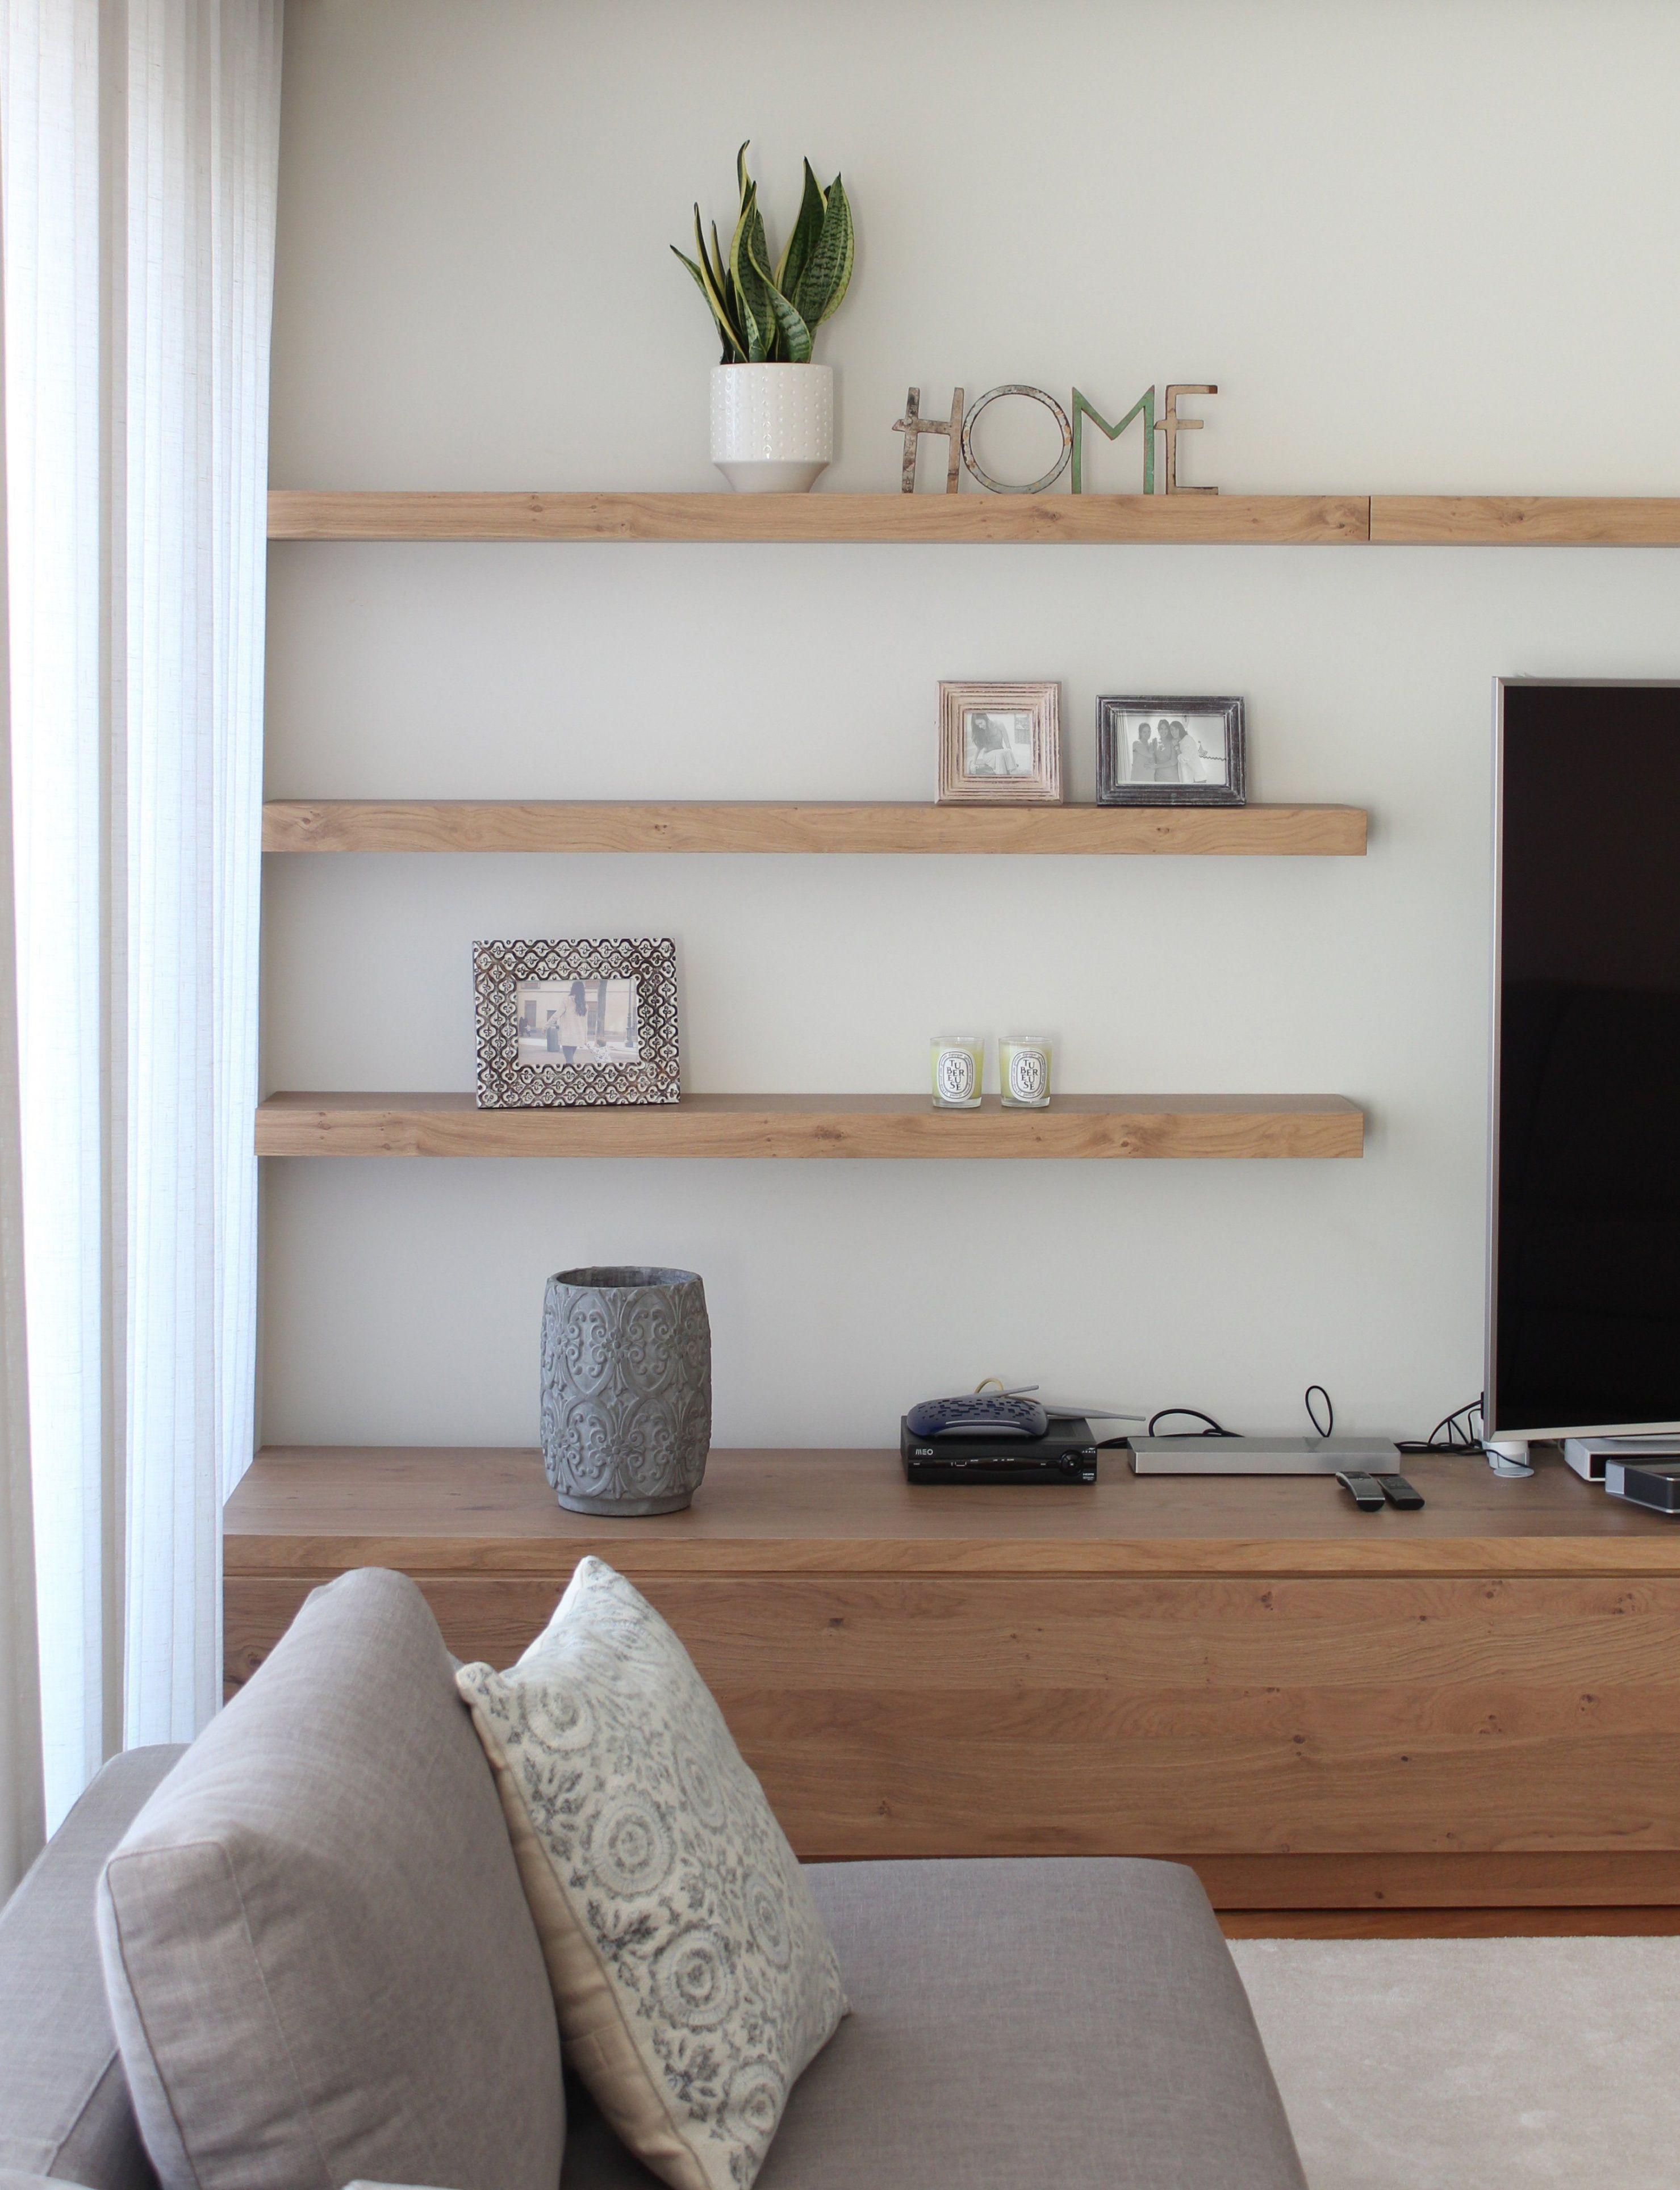 La Nueva Casa De Sara Carbonero En Oporto Con Muebles Kenay Home Psicologiaymediacion Librero Minimalis Muebles Para Tv Kenay Home Decoracion De Interiores